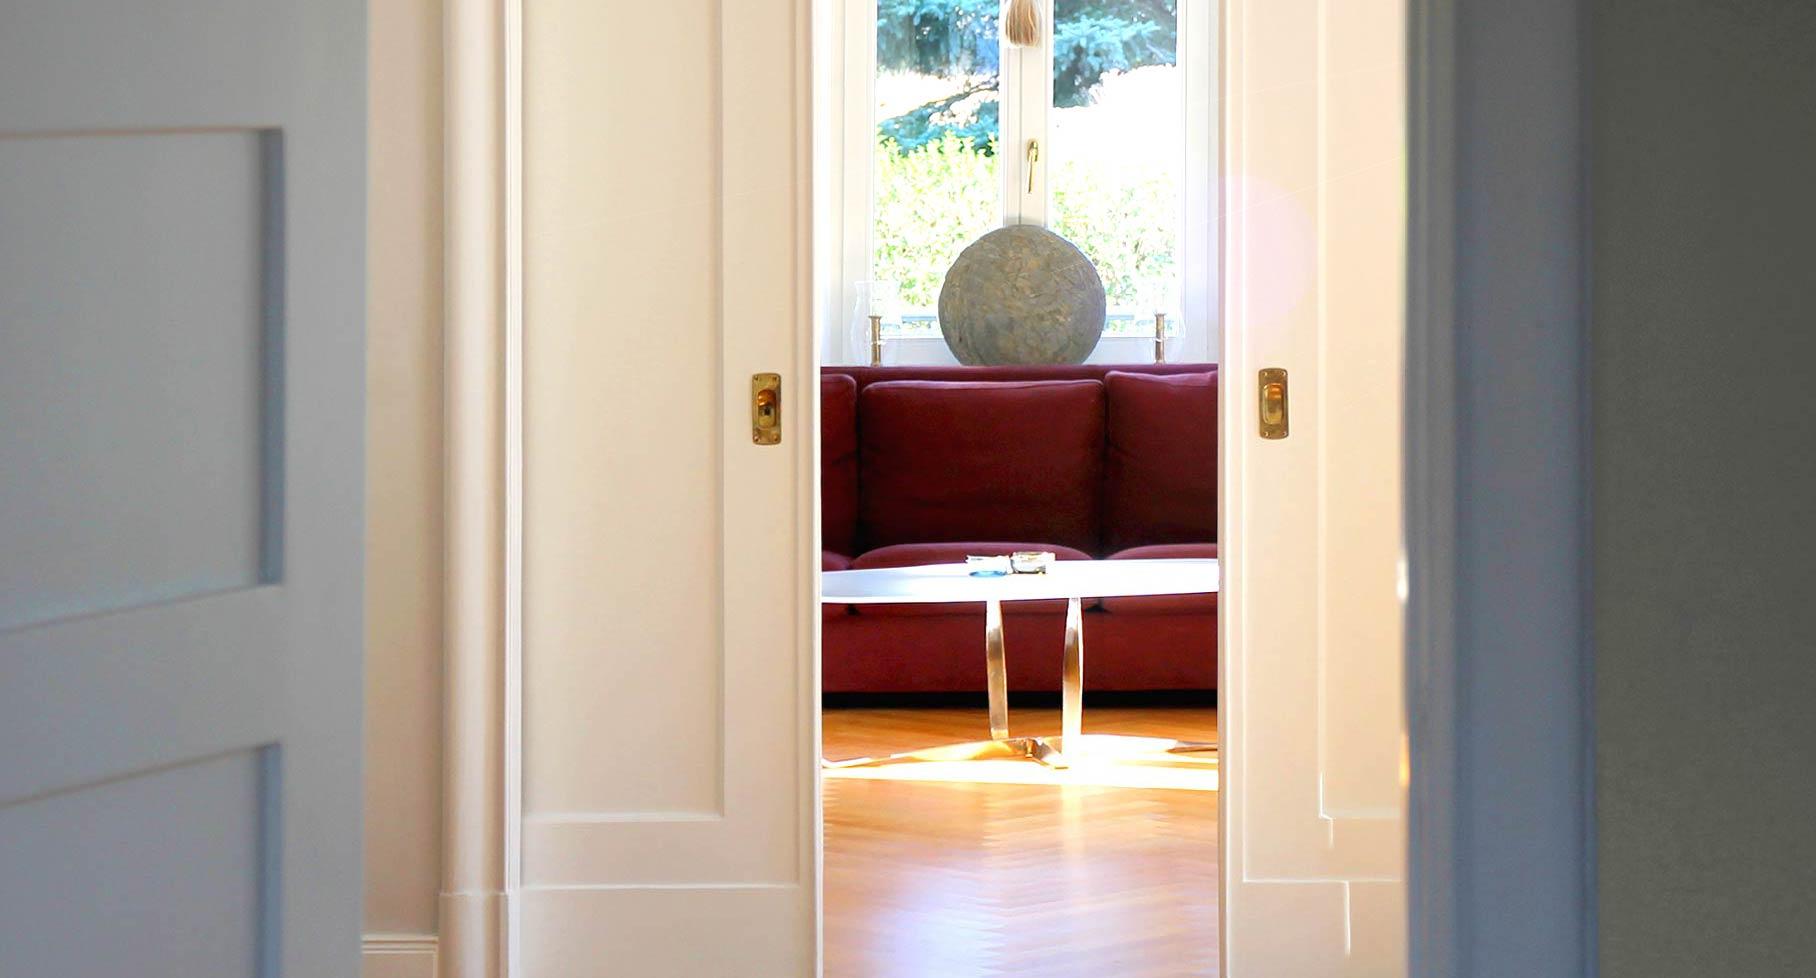 FENG SHUI - Energie im fluss | beratung - hamburg - schlafzimmer - kueche - arbeitszimmer - eingang - garten - brunnen - farben - elemente - einrichten - ruhe - gelassenheit - feng shui ausbildung | 03 Flur